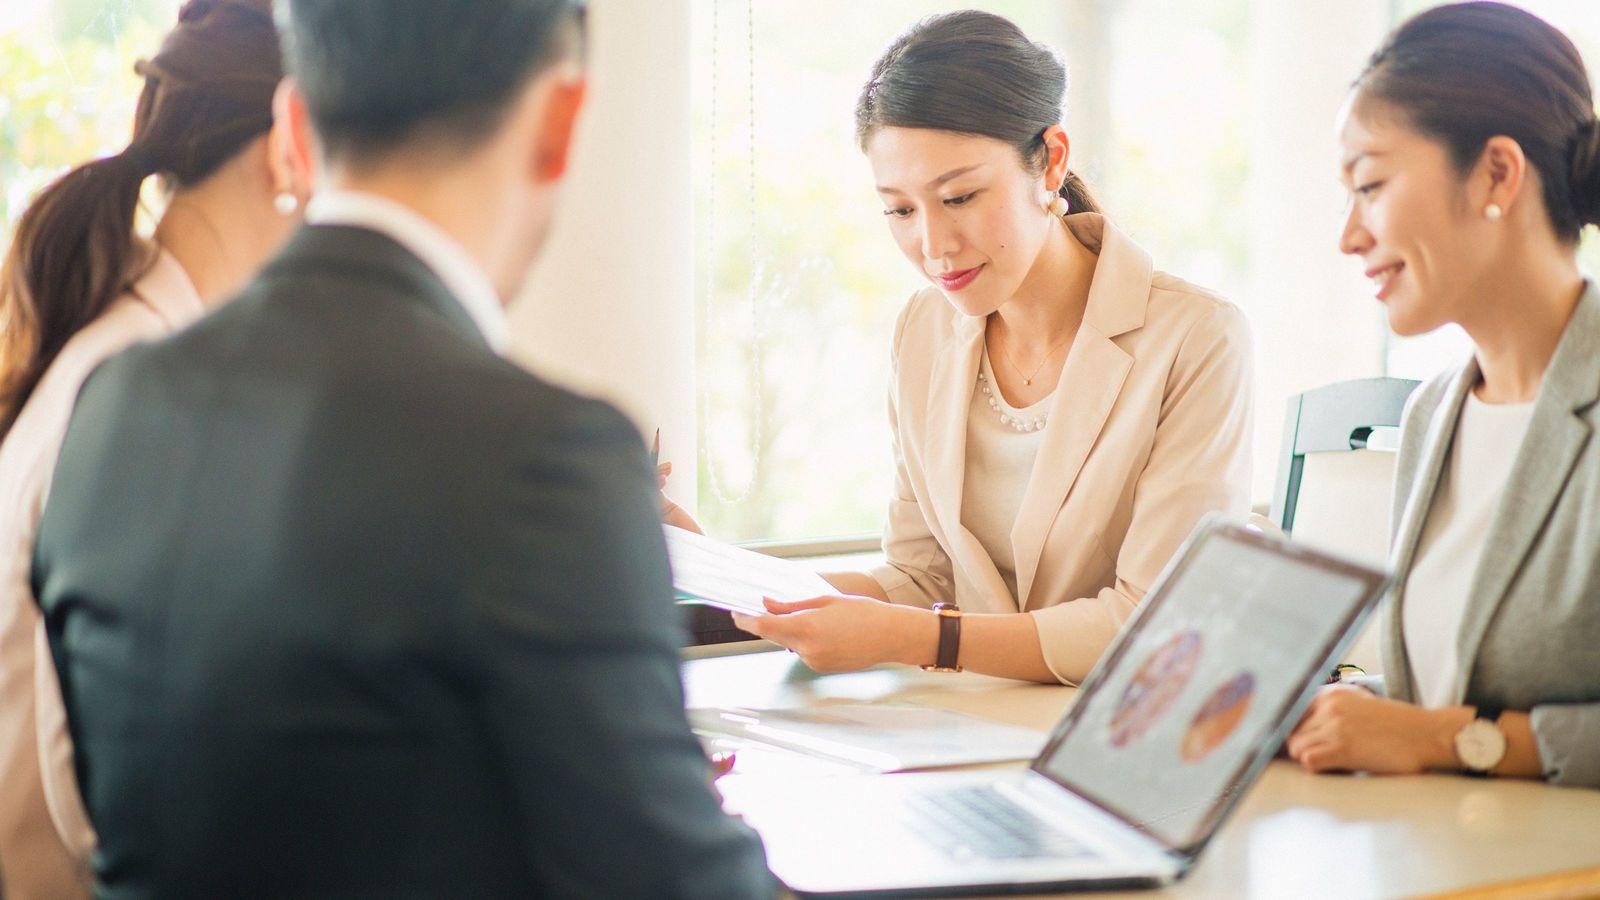 異性の多い職場で働いている人は離婚しやすい 離婚後の職場内再婚率は20%高い